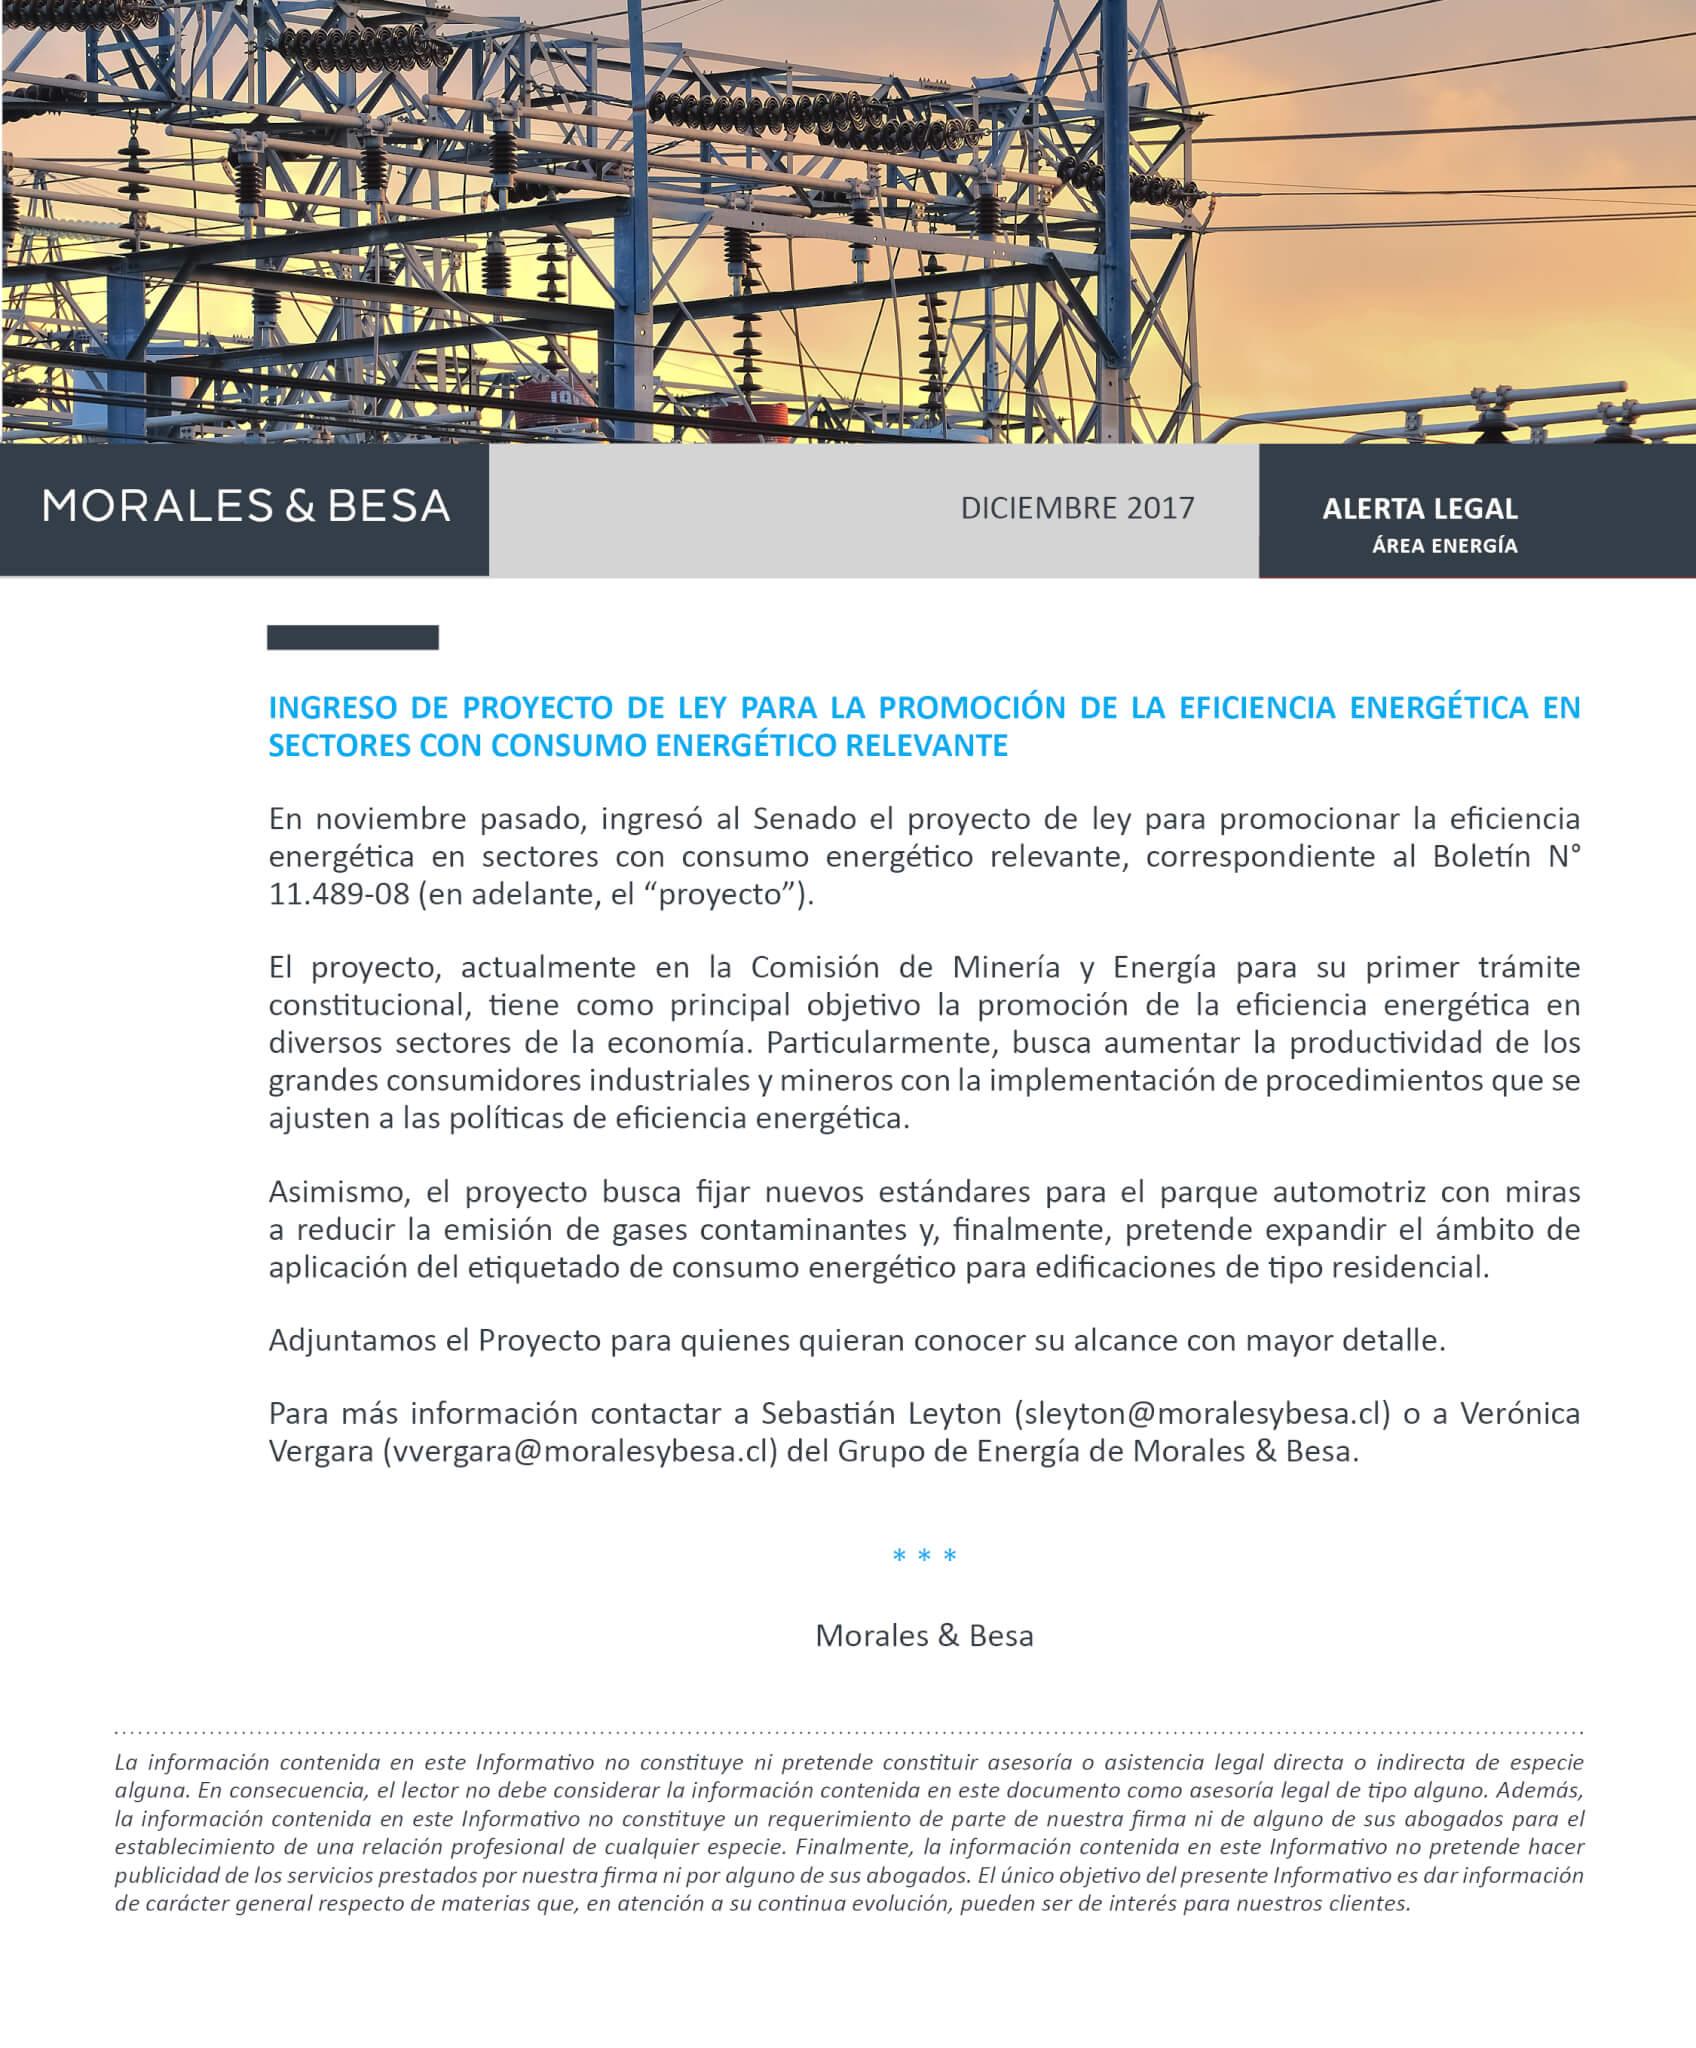 Morales & Besa_Alerta Legal_Energía_Diciembre 2017